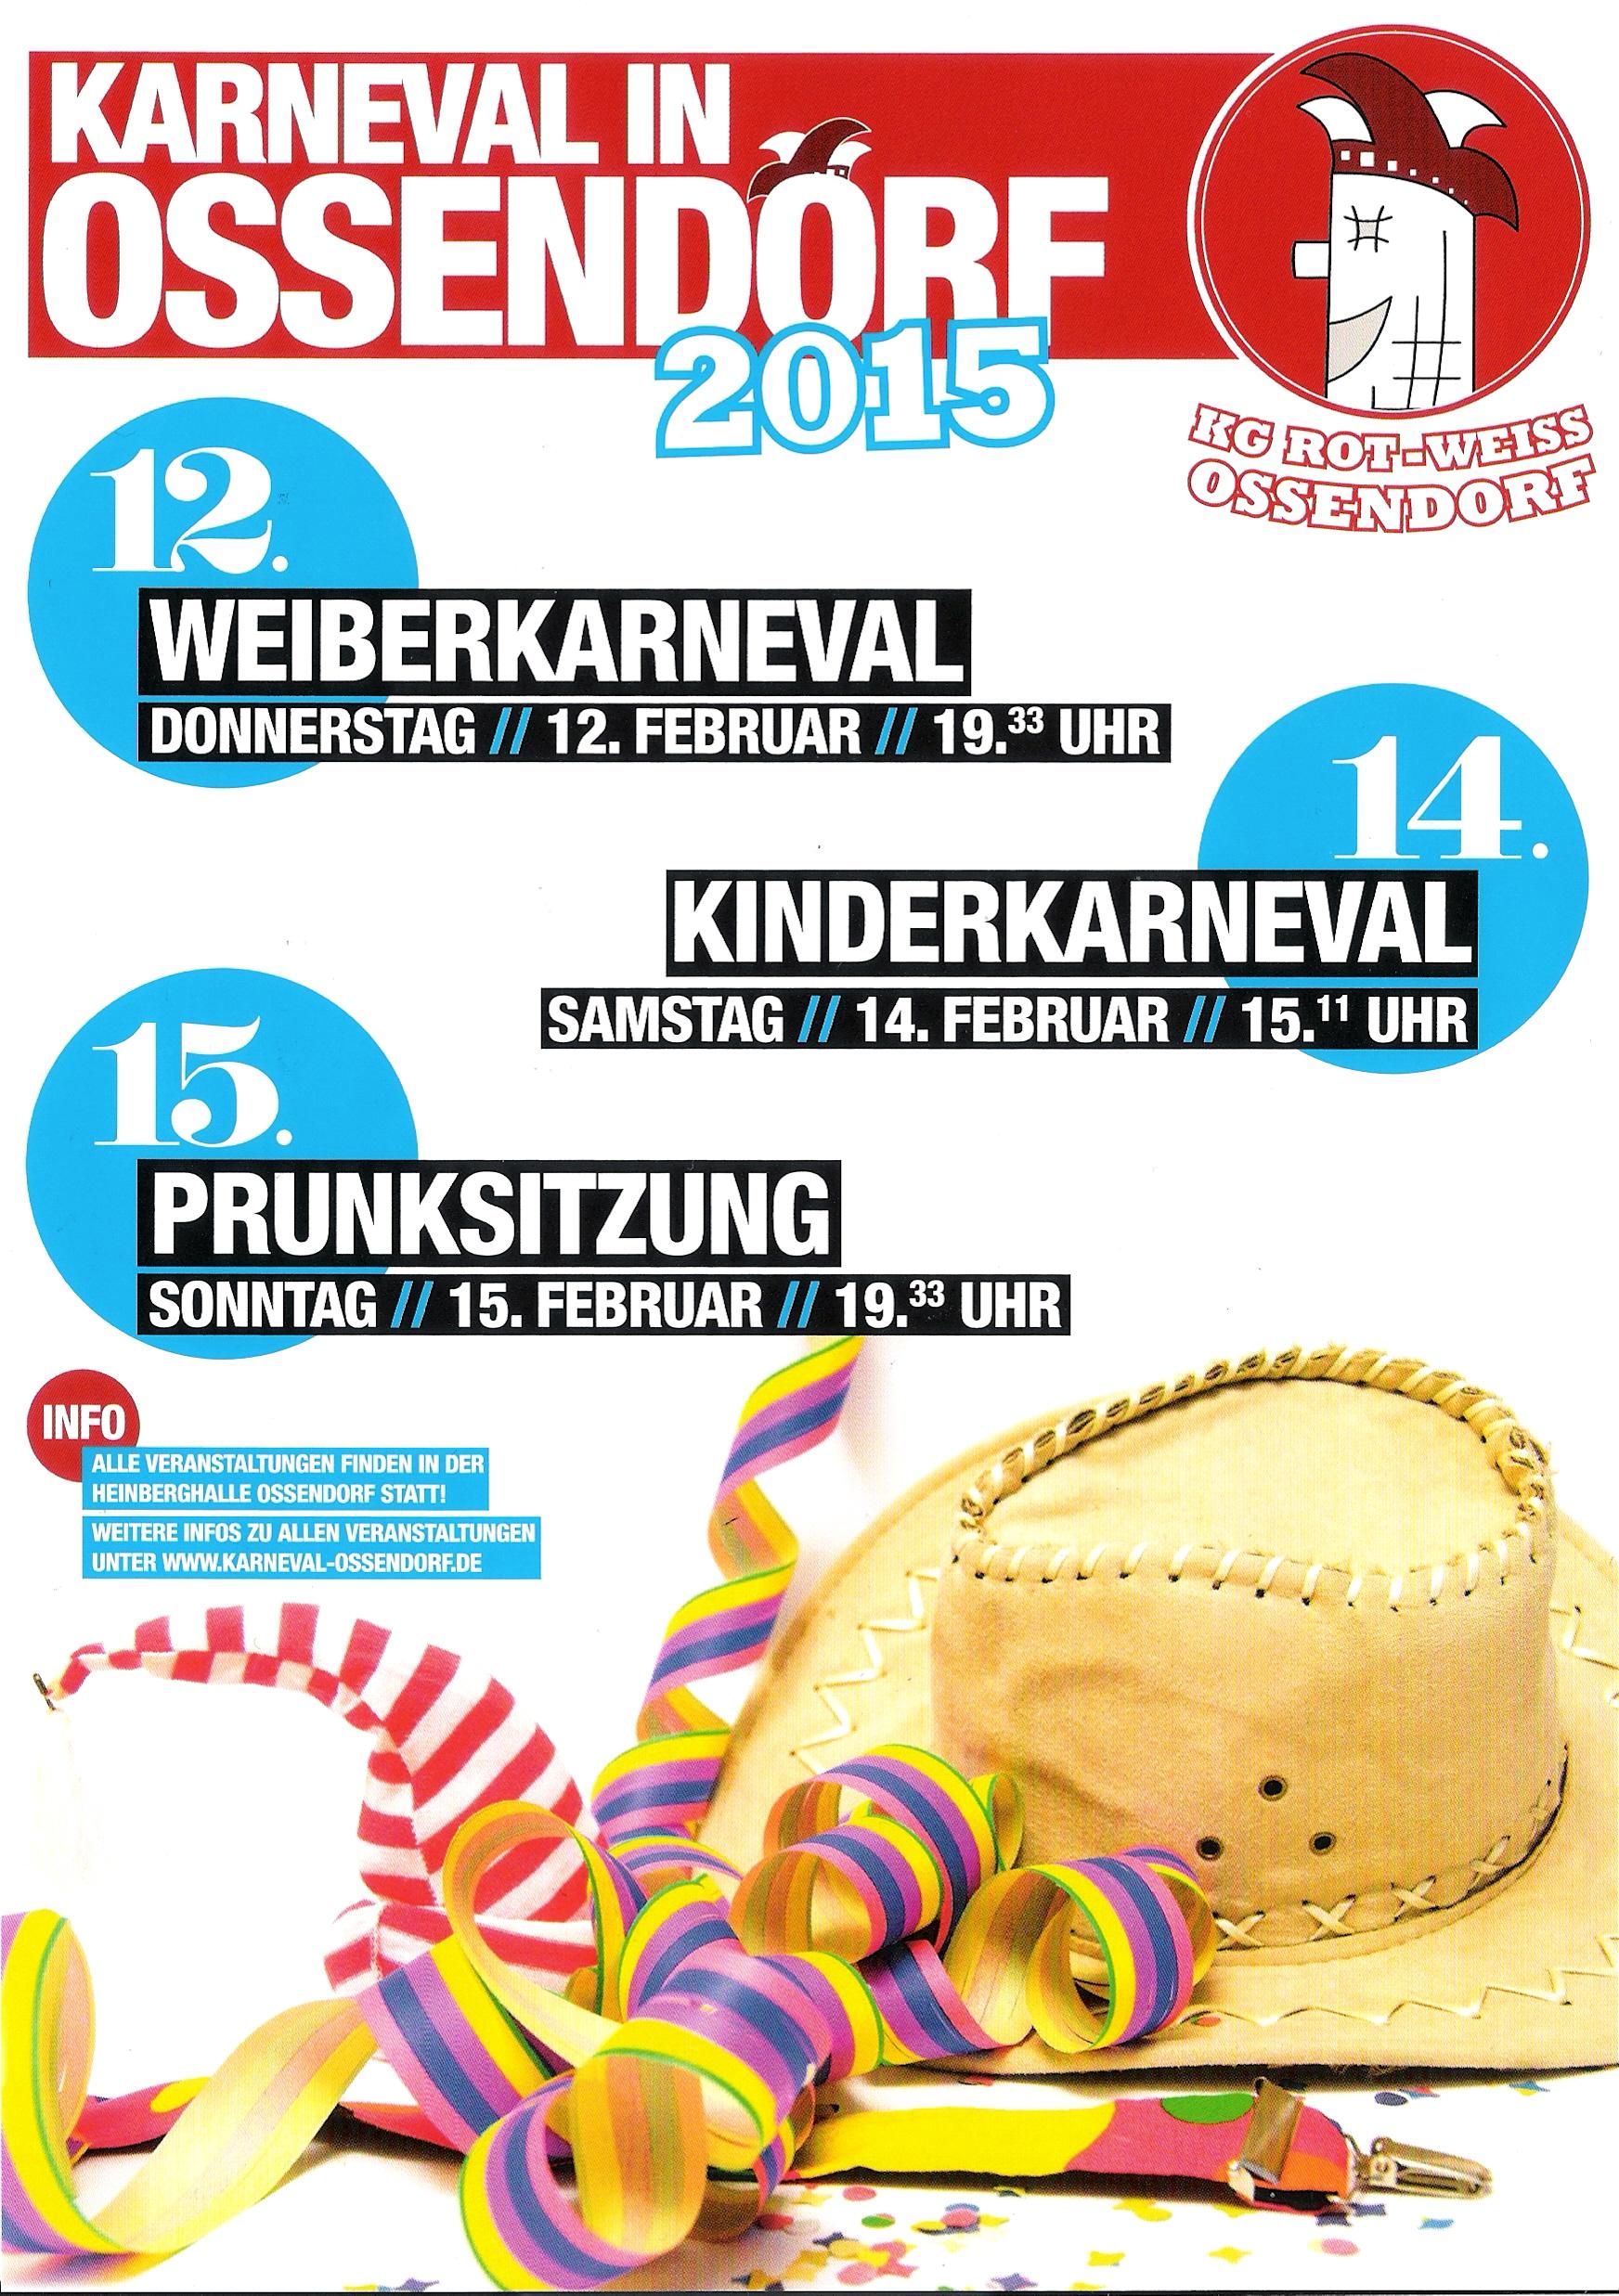 Karneval in Ossendorf 2015